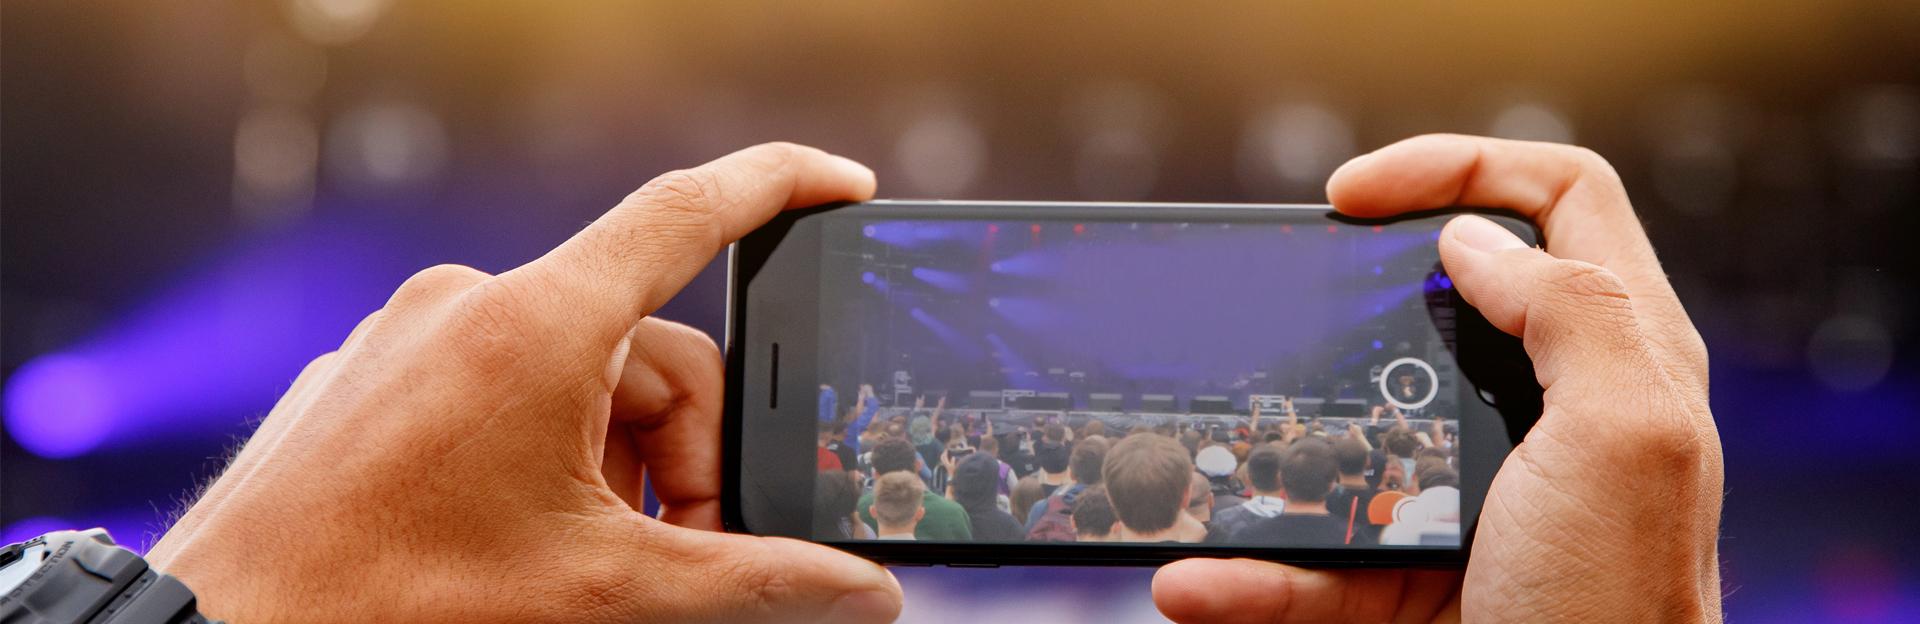 Membuat Film  Dari Rumah Pakai Smartphone